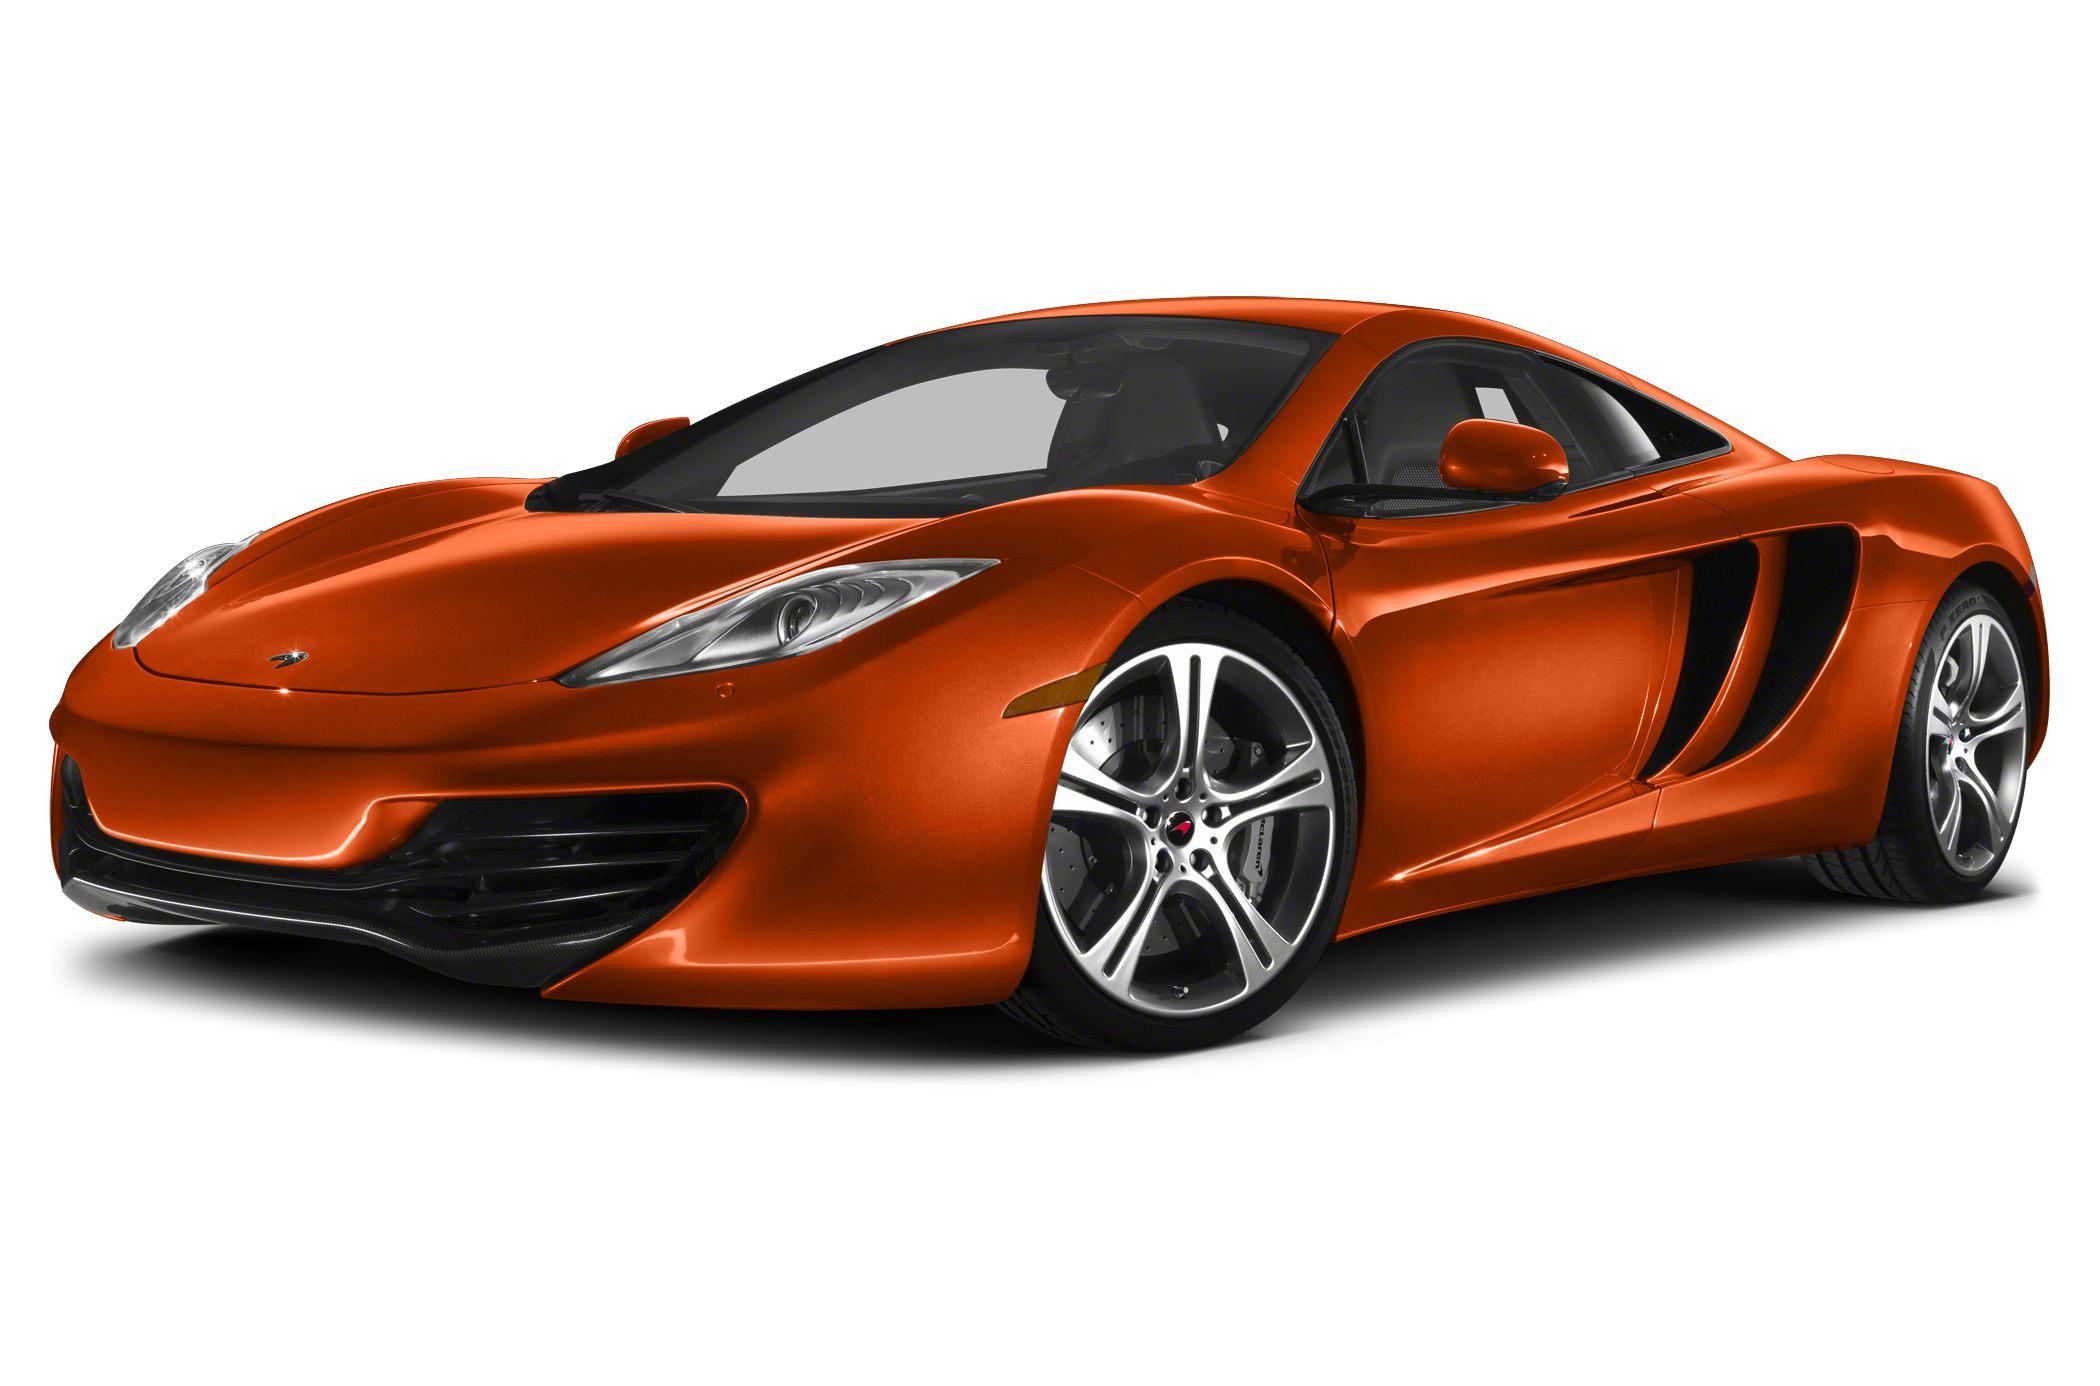 2014 McLaren MP4-12C